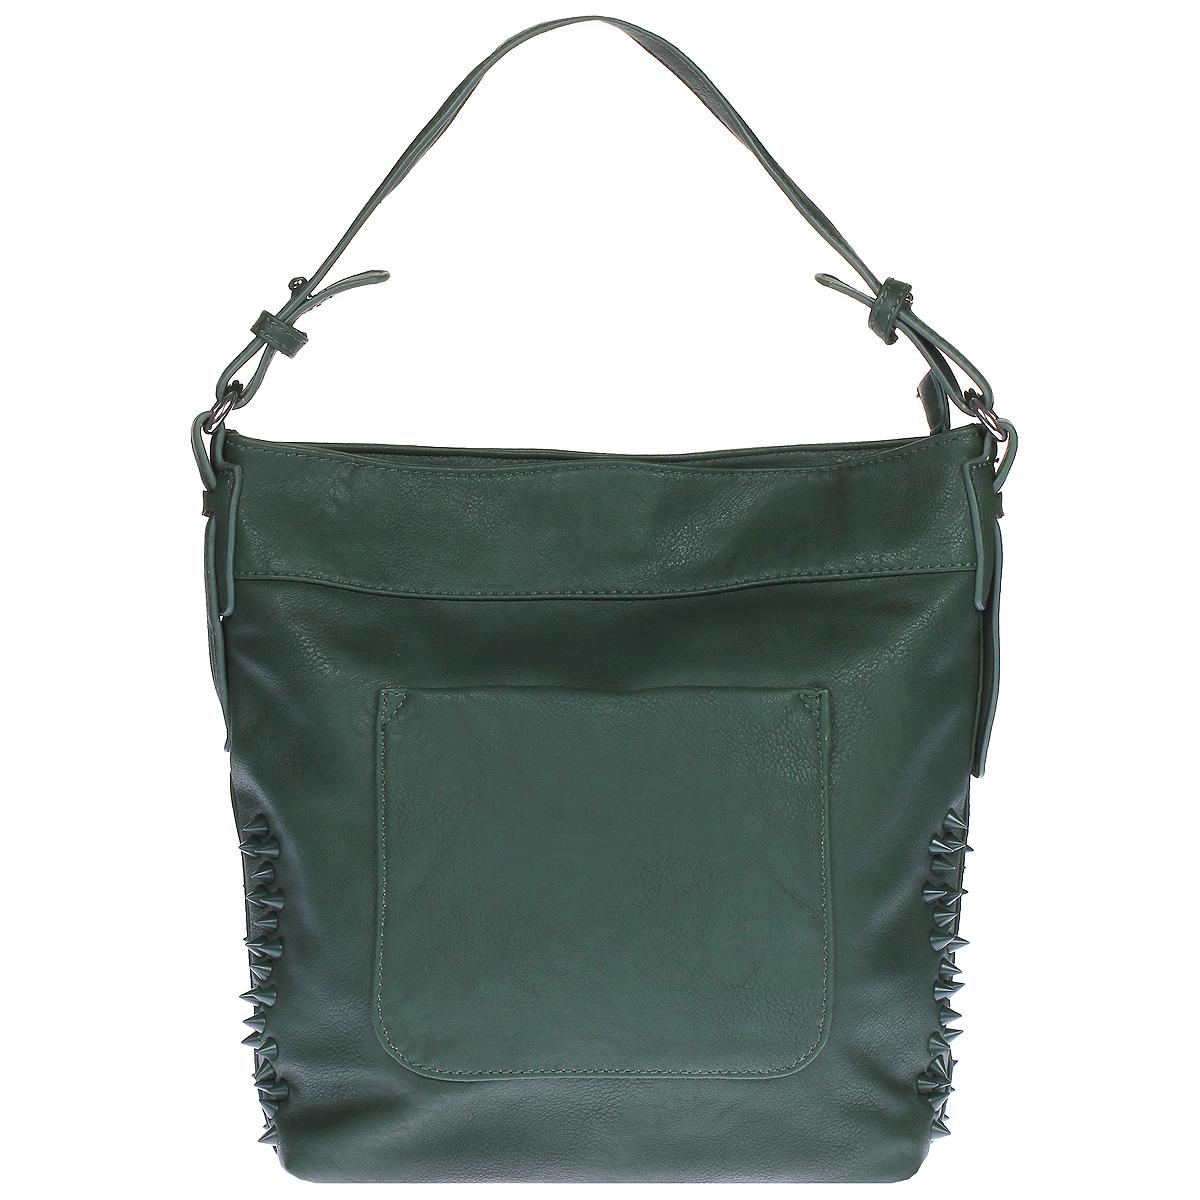 Сумка женская Orsa Oro, цвет: зеленый. D-757D-757 изумрудЖенская сумка Orsa Oro выполнена из искусственной кожи зеленого цвета. Сумка состоит из одного вместительного отделения, которое закрывается на застежку-молнию. Внутри - вшитый карман на молнии и два накладных кармана, один из которых предназначен для телефона, другой - для прочих мелочей. По бокам сумка декорирована пластиковыми шипами. На задней стороне сумки также расположен вшитый карман на молнии. На лицевой стороне сумки имеется дополнительный карман закрывающийся на магнитную кнопку. Сумка оснащена удобной ручкой и съемным регулирующим длину плечевым ремнем. К сумке прилагается чехол для хранения. Сумка - это стильный аксессуар, который подчеркнет вашу изысканность и индивидуальность и сделает ваш образ завершенным.